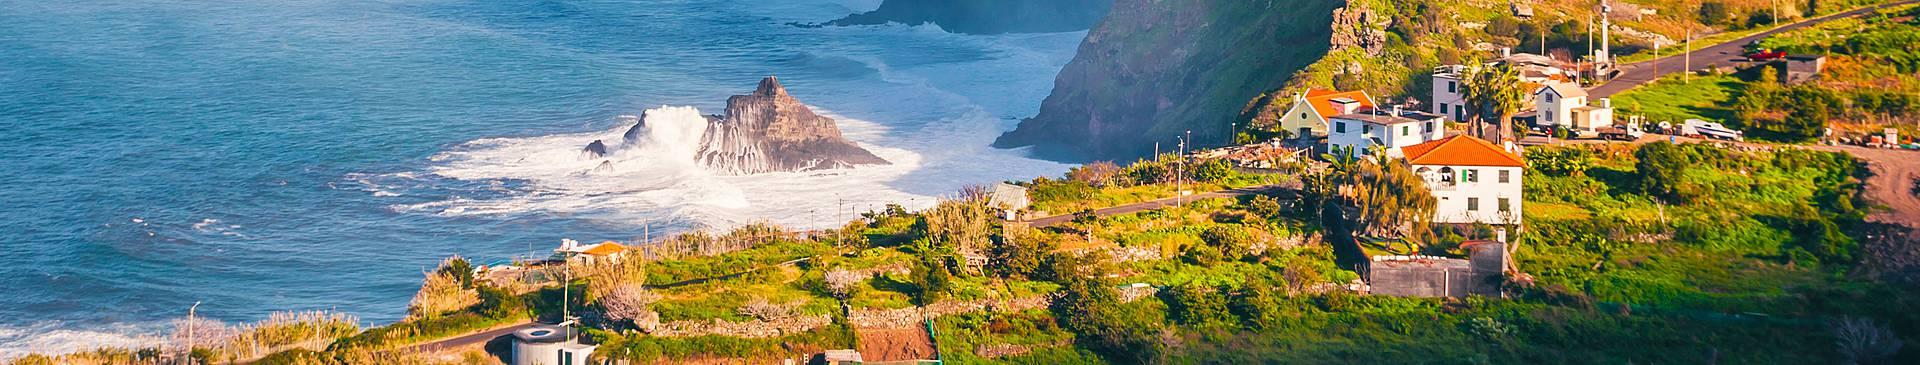 Bergurlaub Madeira